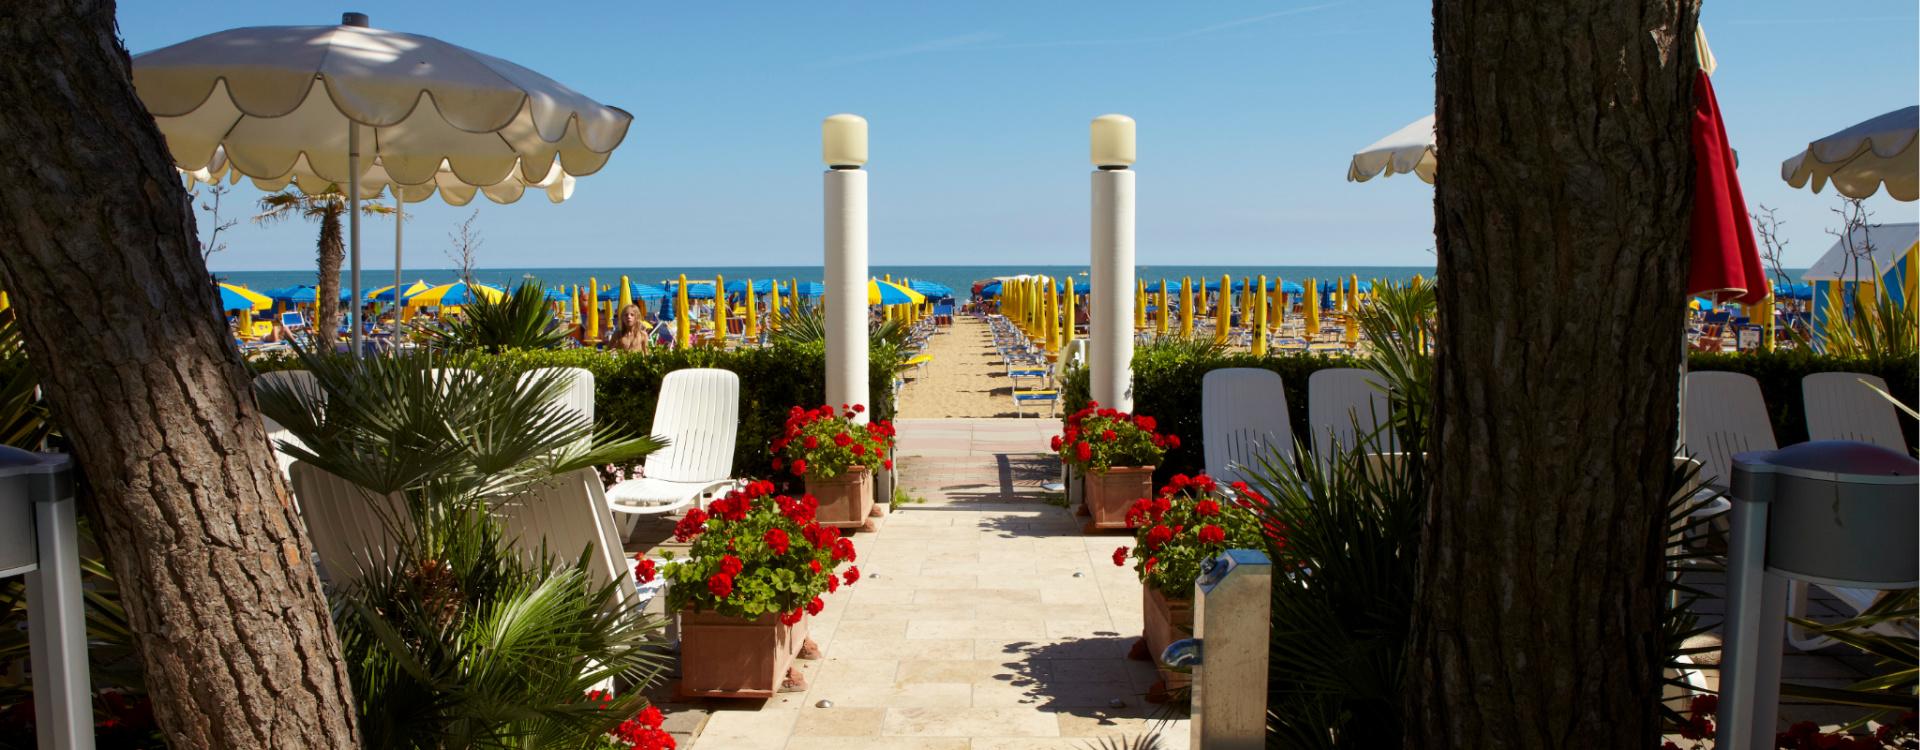 Foto_copertina_termini_beach_hotel_spiaggia